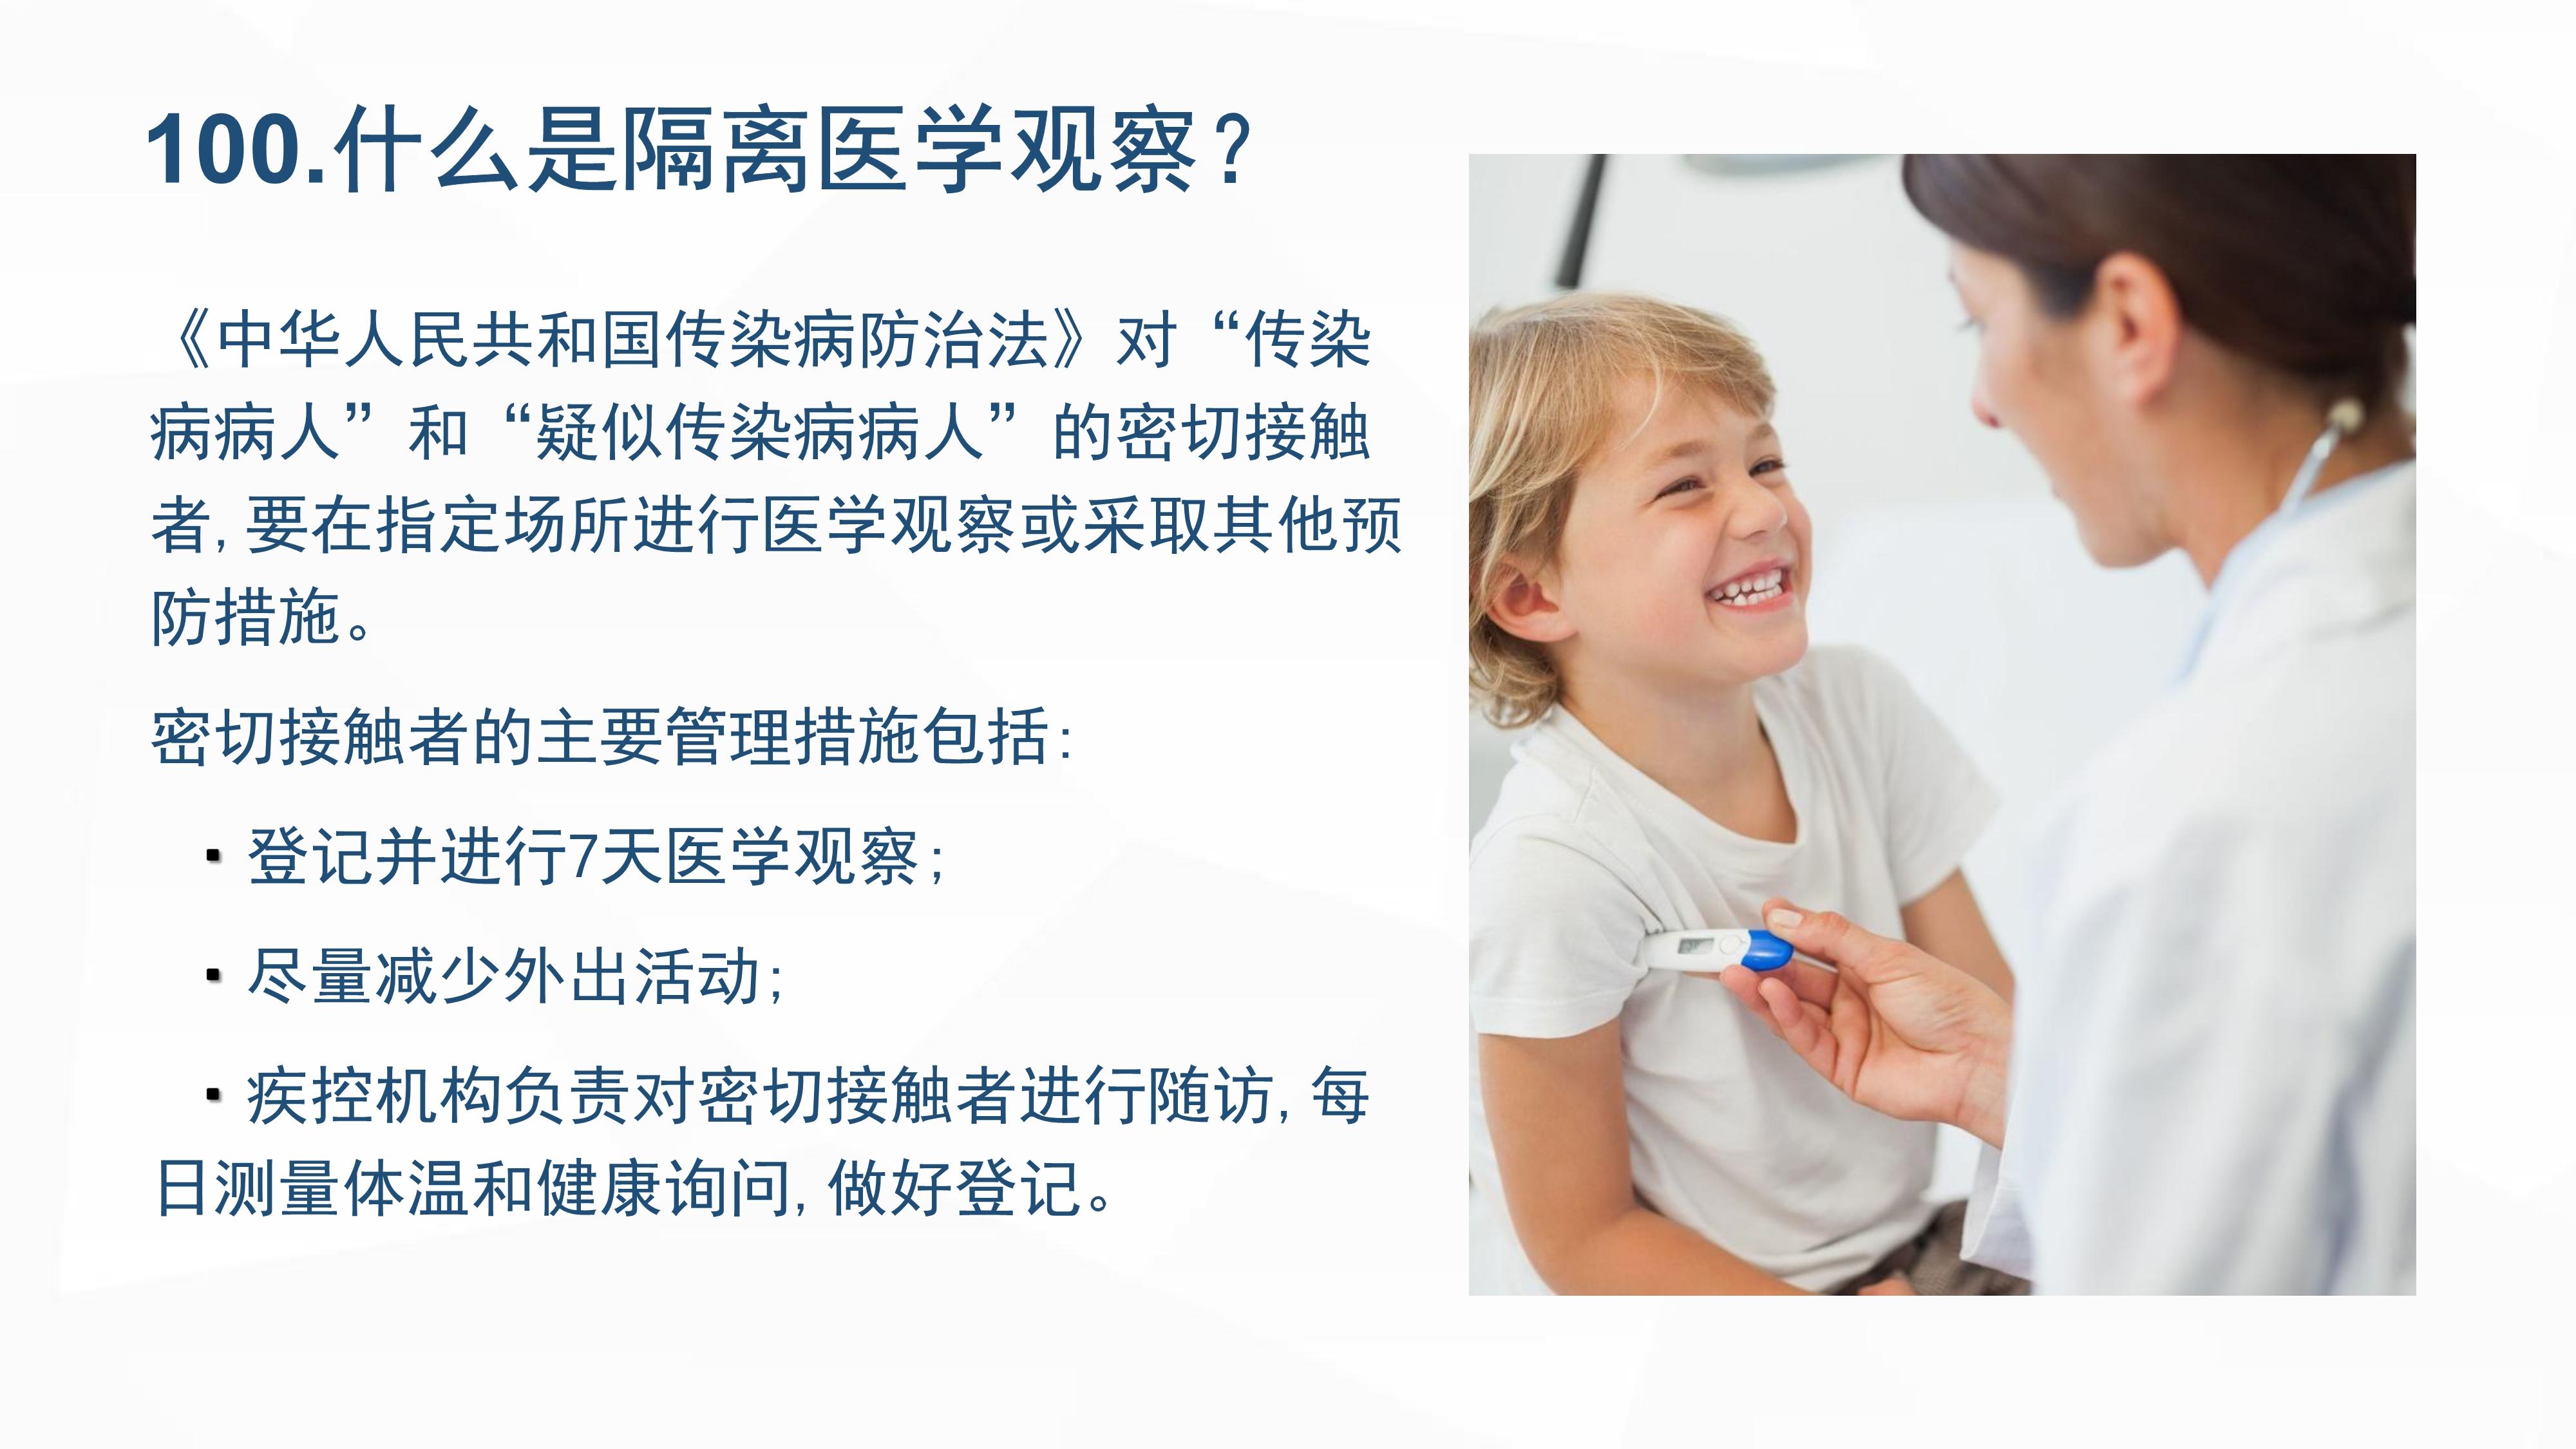 新型冠状病毒肺炎预防手册_106